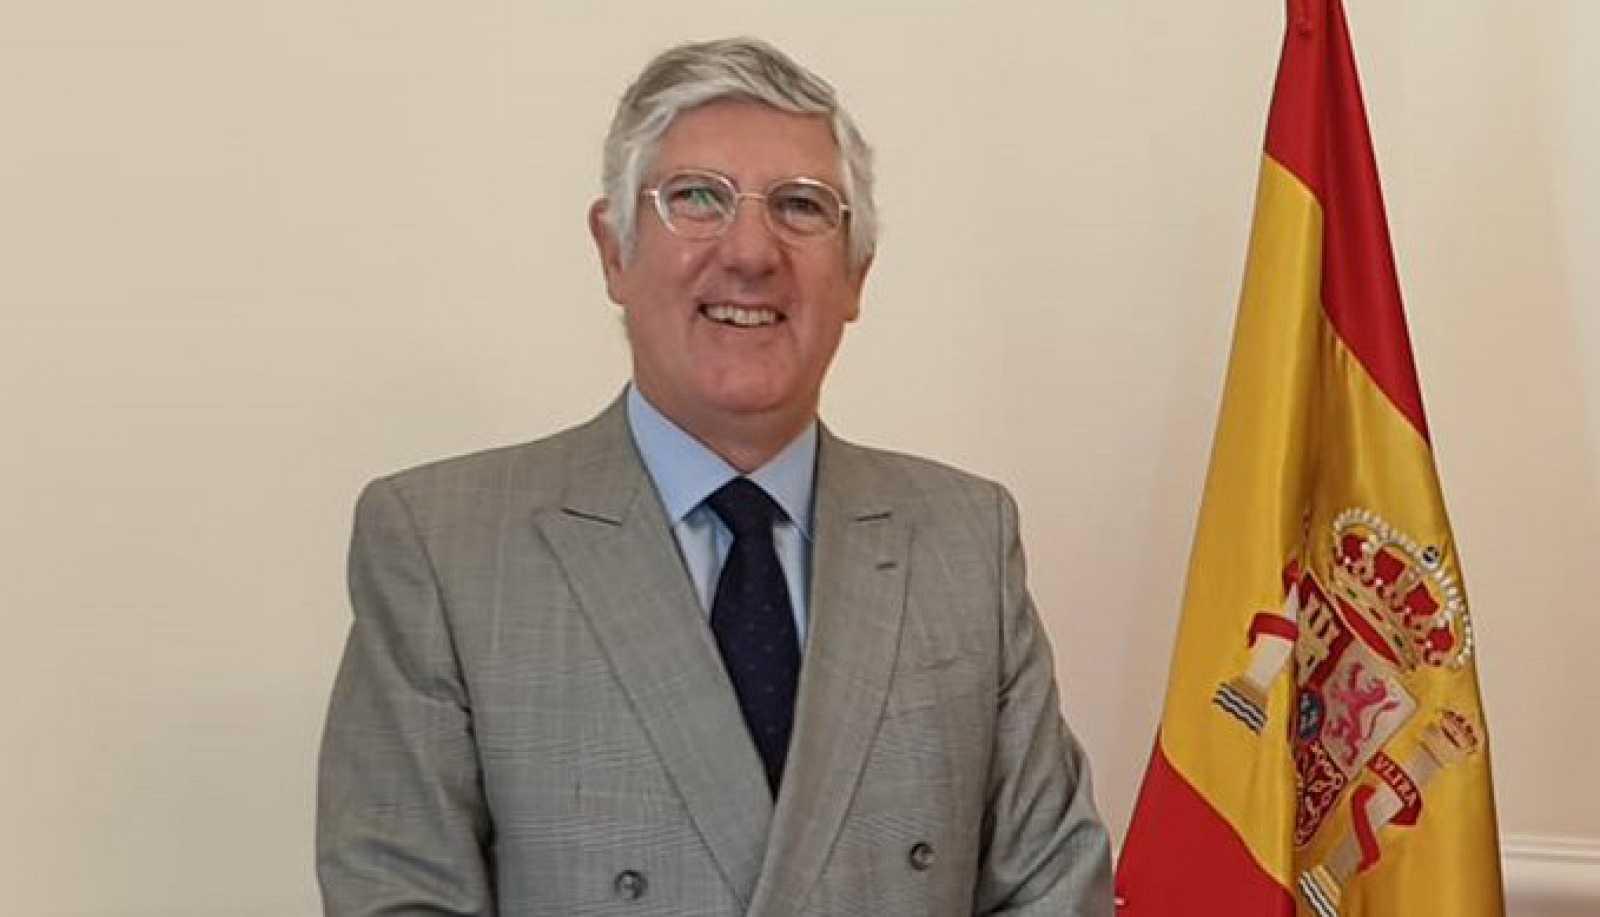 Europa abierta - Charlamos con el embajador de Portugal en España sobre la presidencia semestral de la UE - escuchar ahora